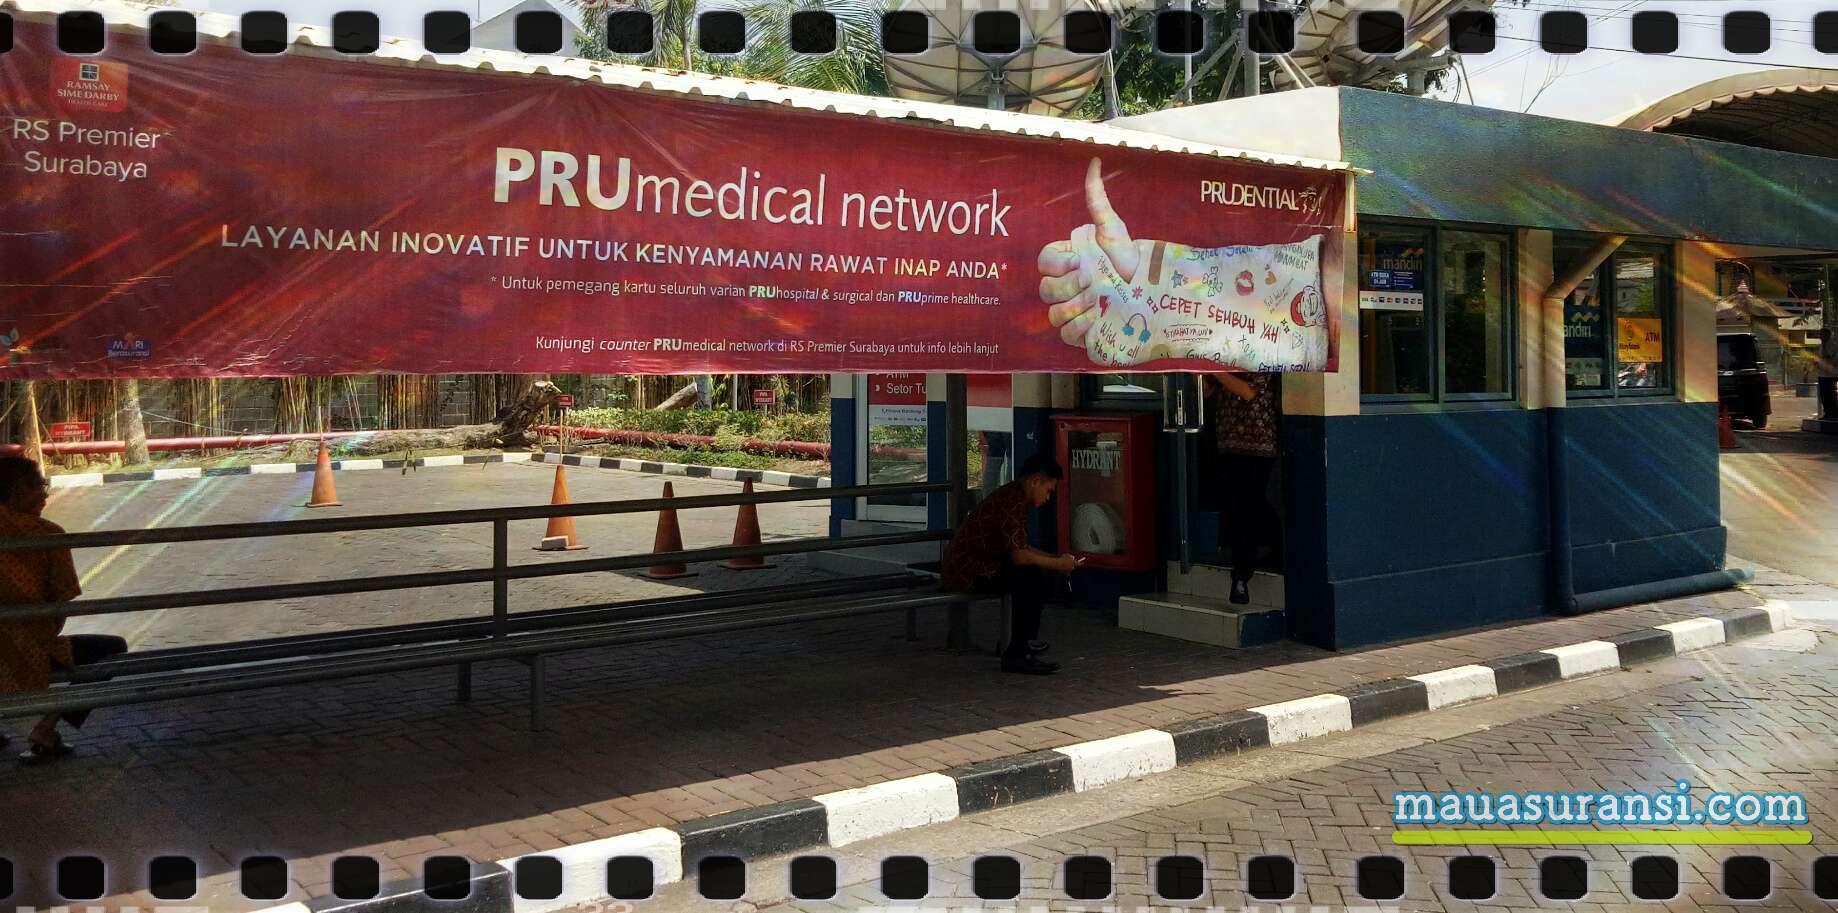 prumed network2.jpg